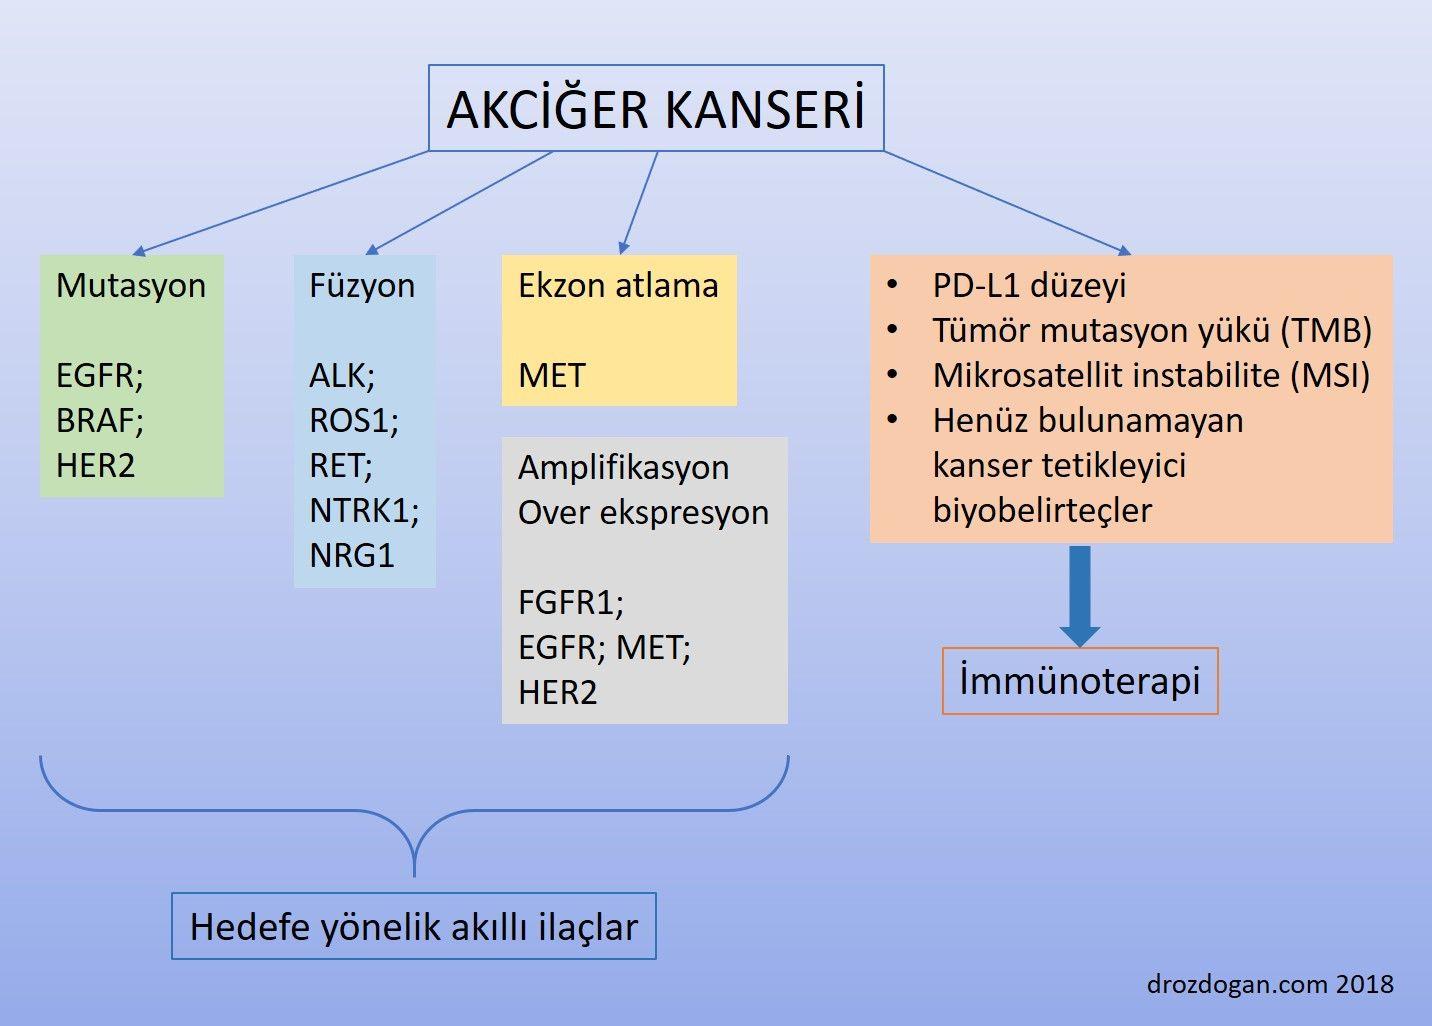 akciğer kanseri akıllı ilaç hedefleri genetik değişimler biyobelirteçler mutasyon